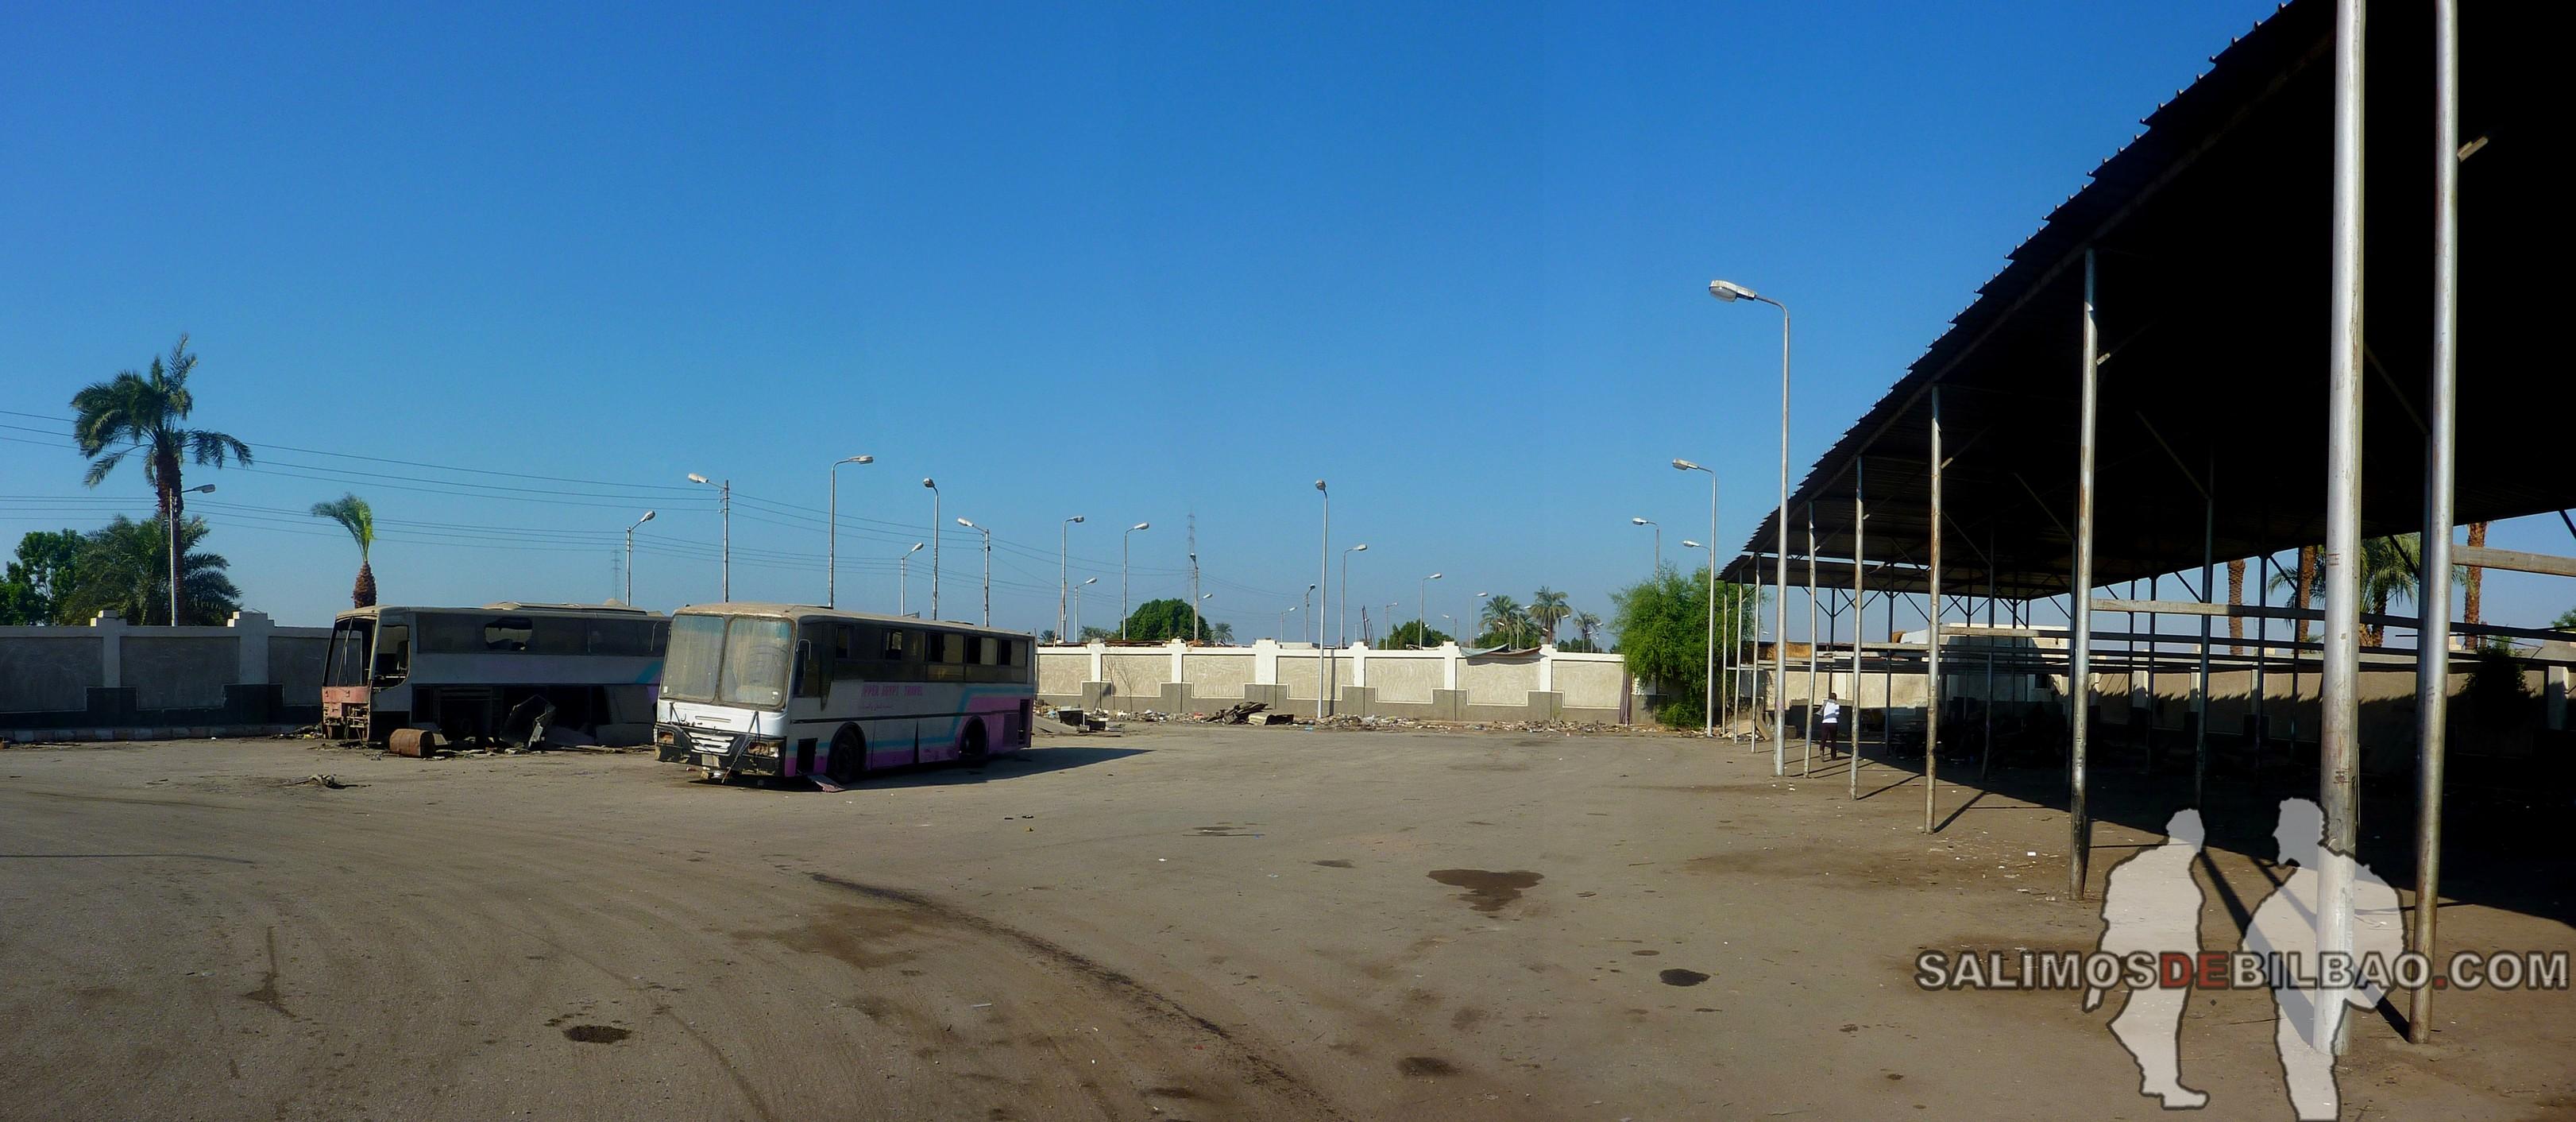 1061. Pano, Estación de autobuses de Qena